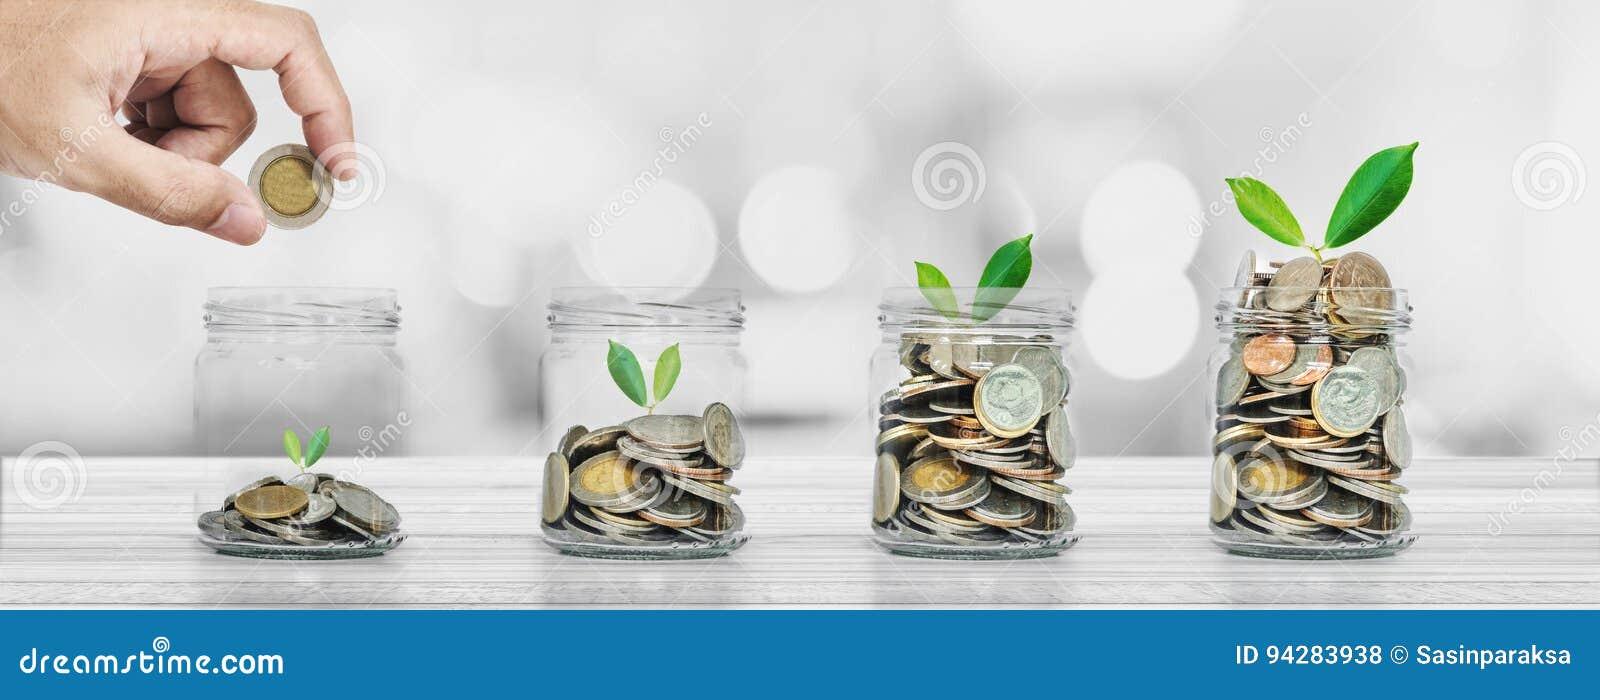 挽救金钱和投资概念,投入硬币的手在有植物发光的玻璃瓶